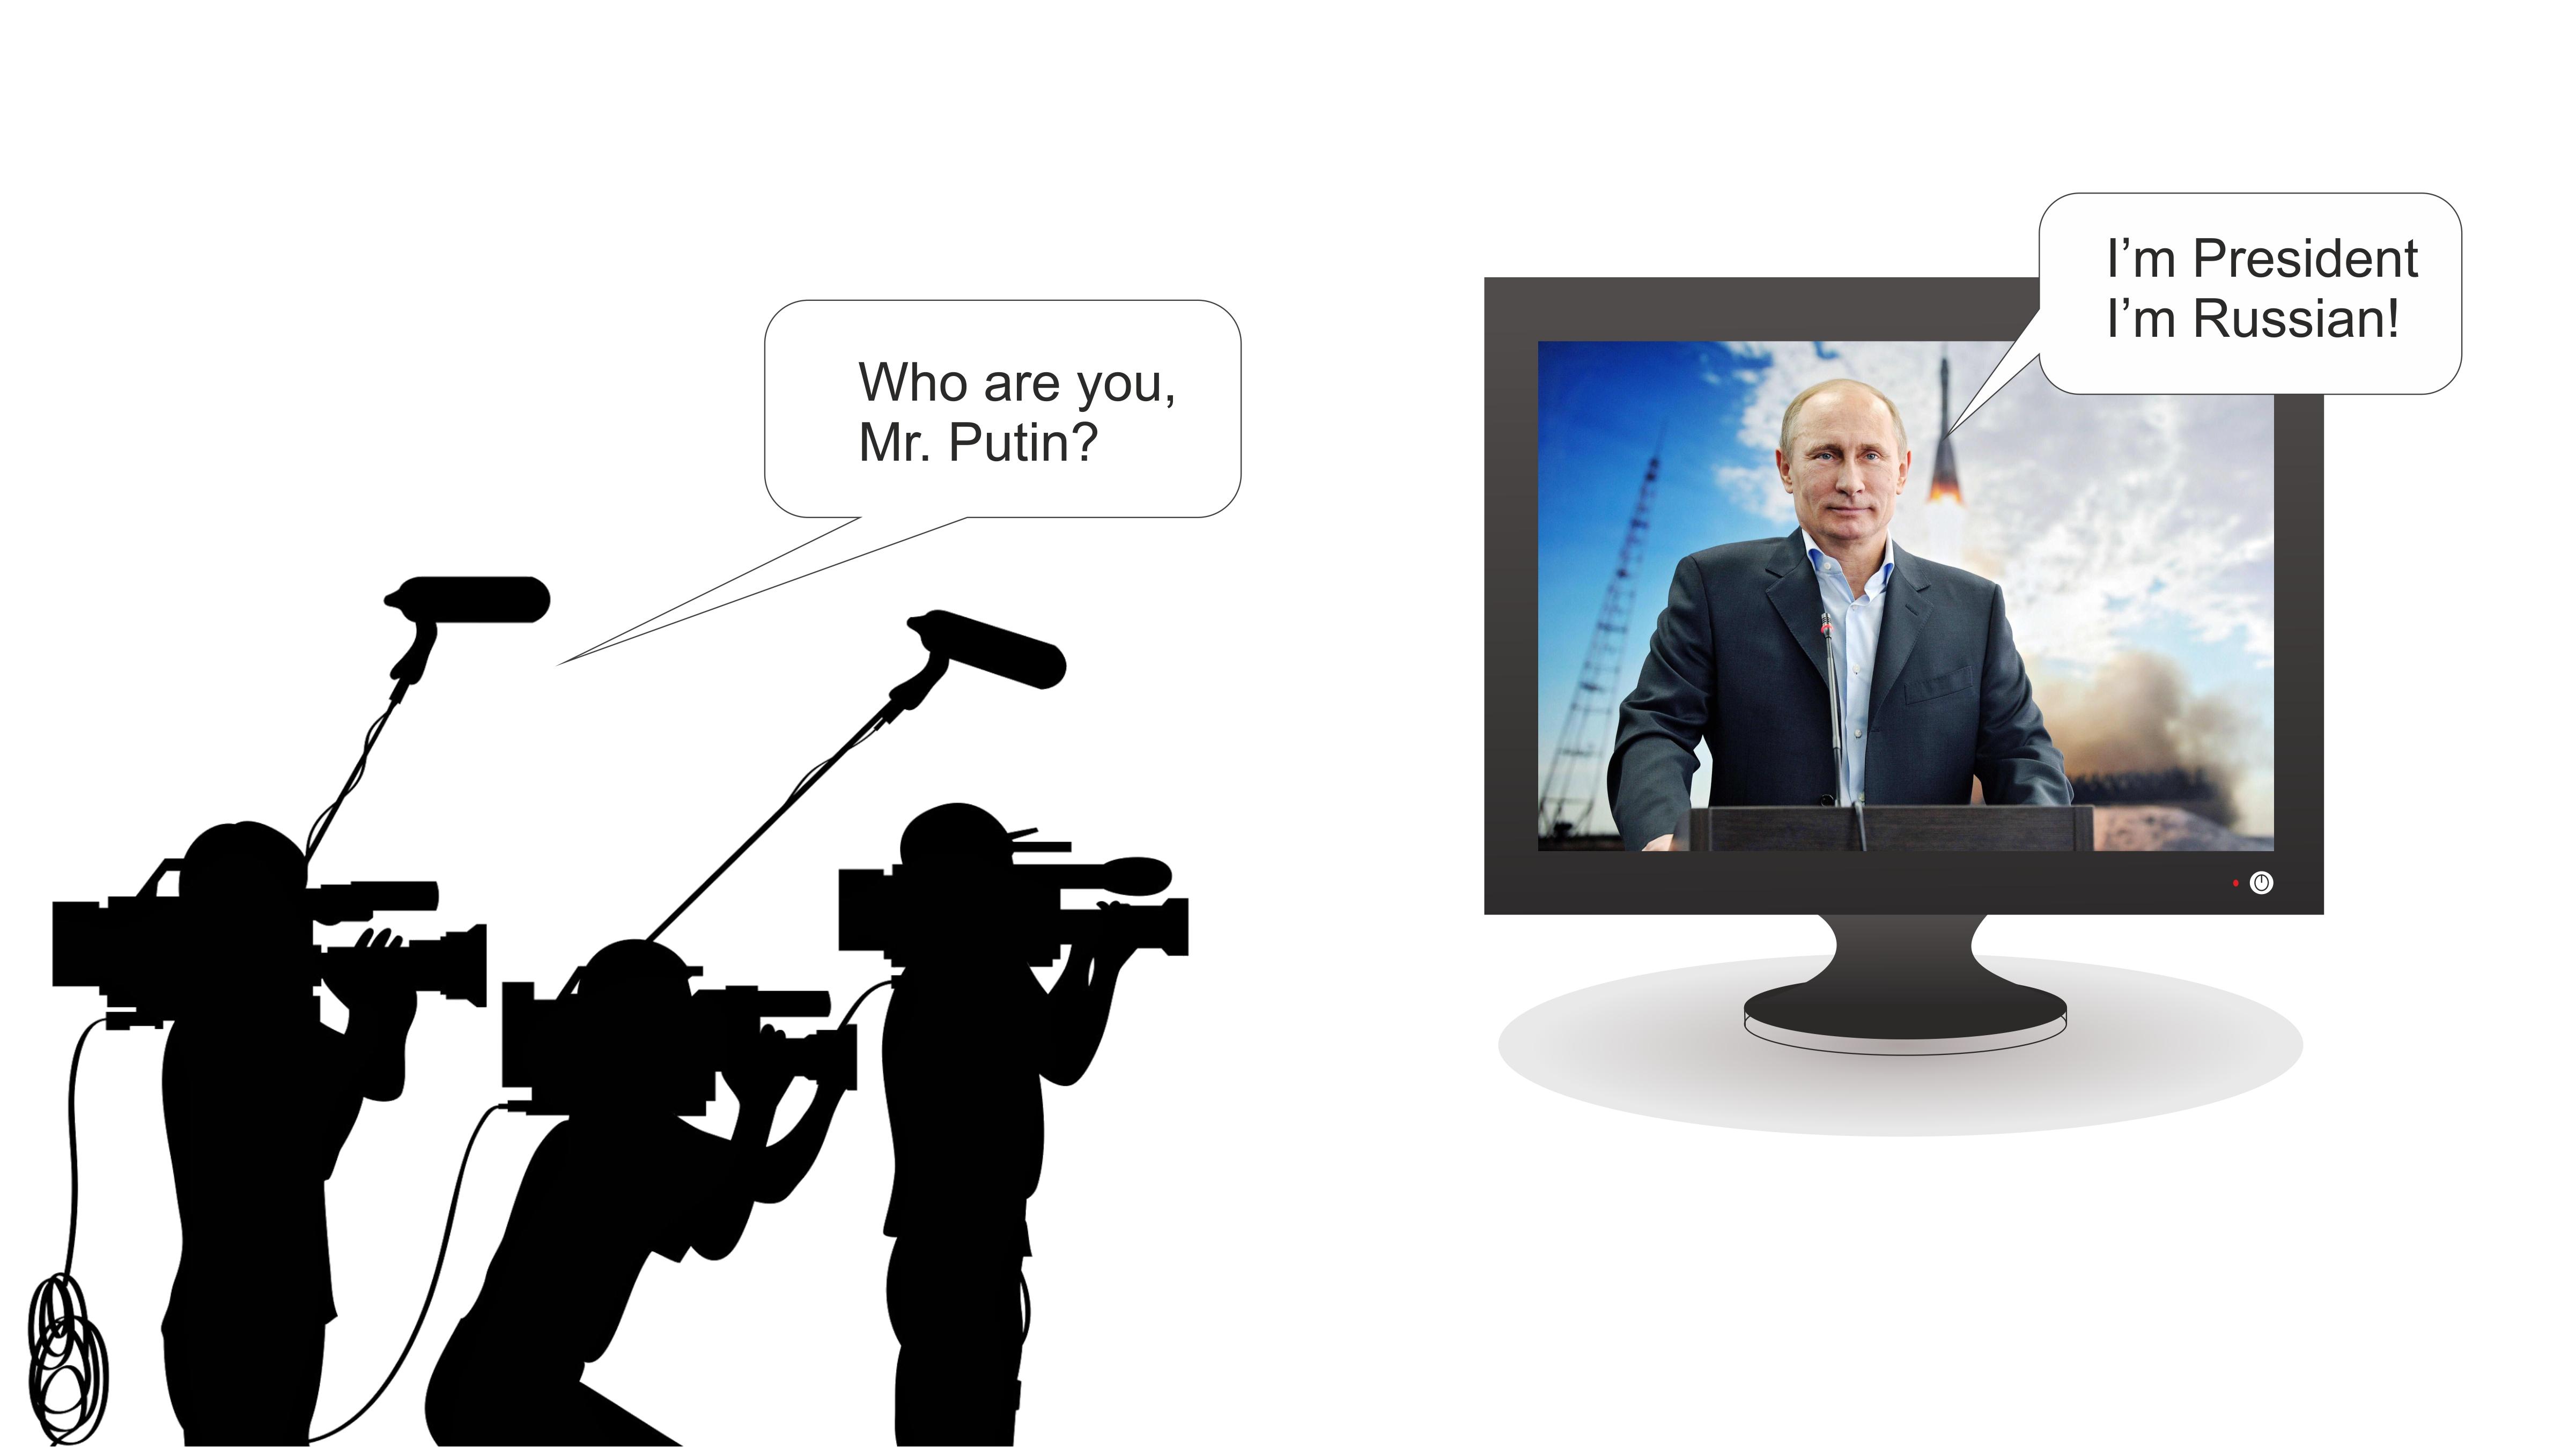 Порно пожилых женщин и зрелых дам. Русская ХХХ подборка